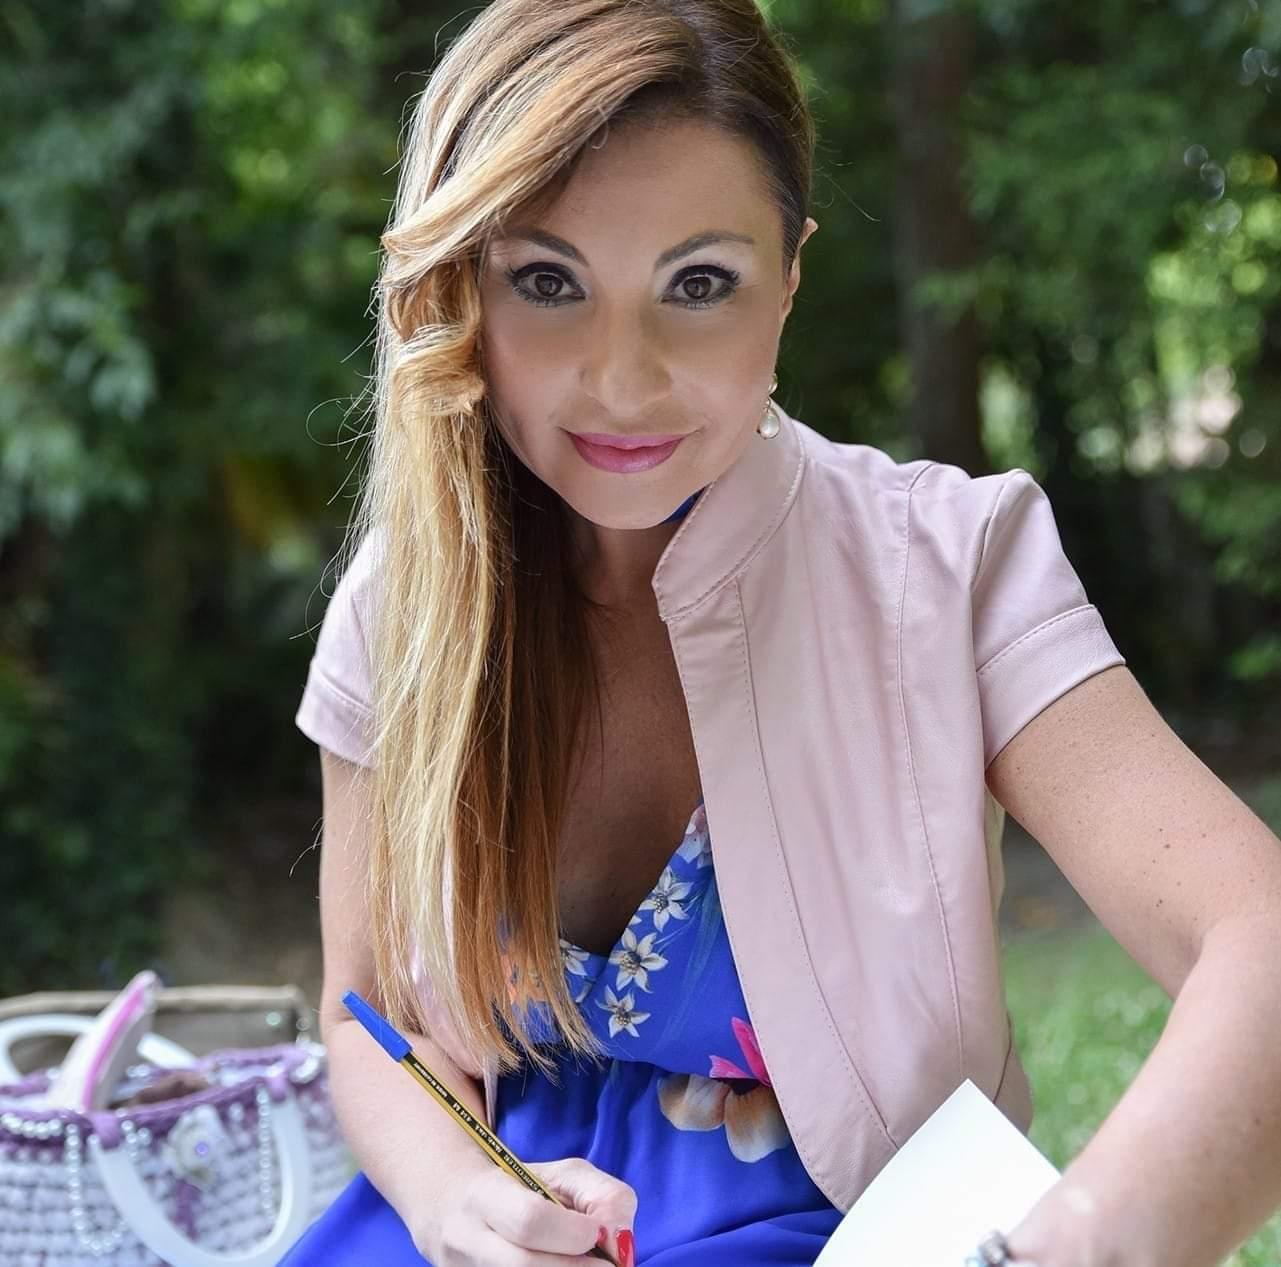 Manuela Di Dalmazi